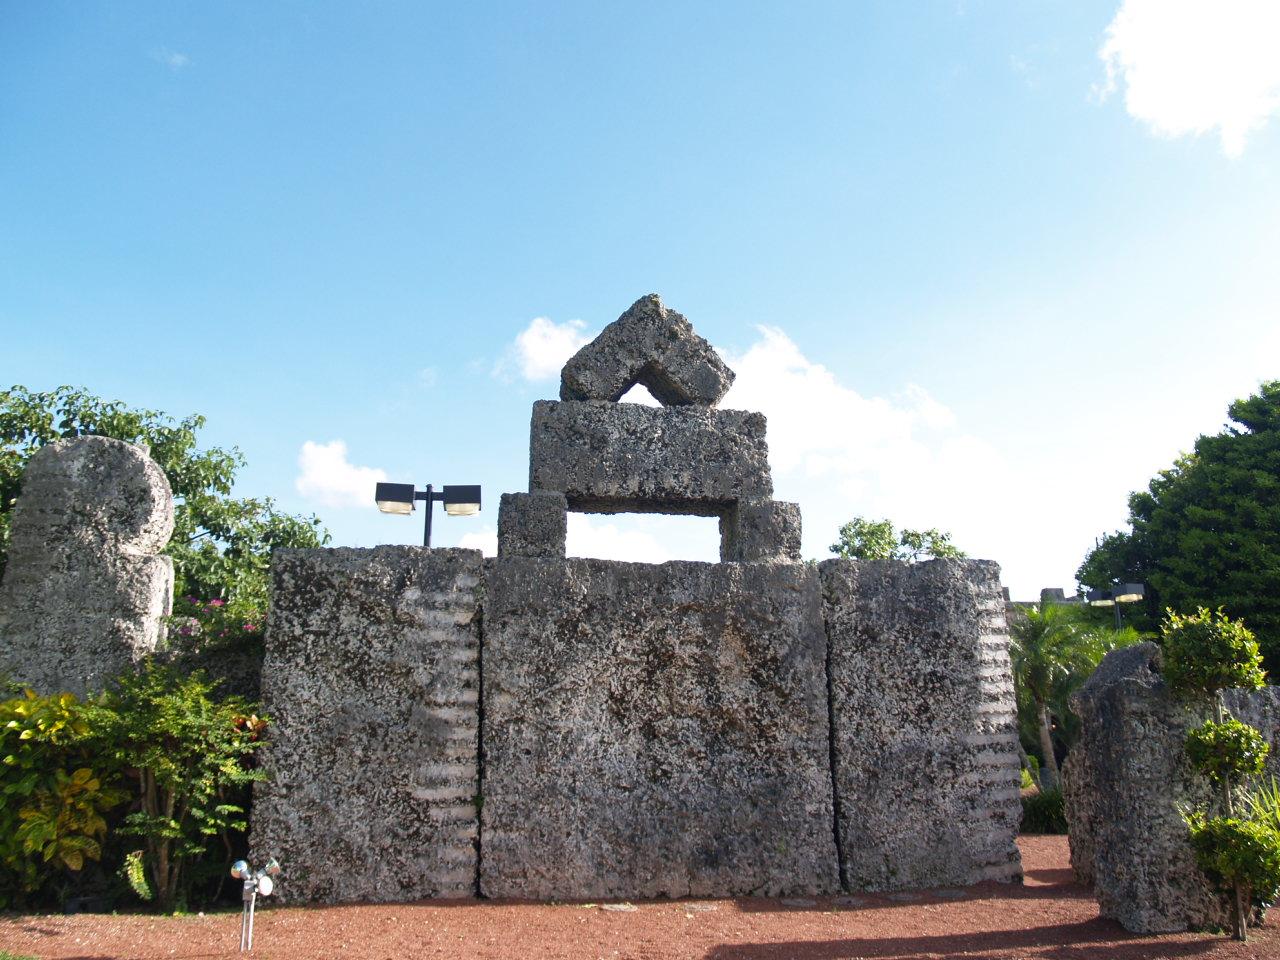 Coral Castle(initaliano:Castello di corallo; nome originale:Rock Gate Park) è una struttura architettonica in pietra calcarea progettata dalloscultoreamatorialelettonenaturalizzatostatunitenseEdward LeedskalninaHomestead, inFlorida. Trasferitosi prima in Europa e poi in America all'età di 30 […]